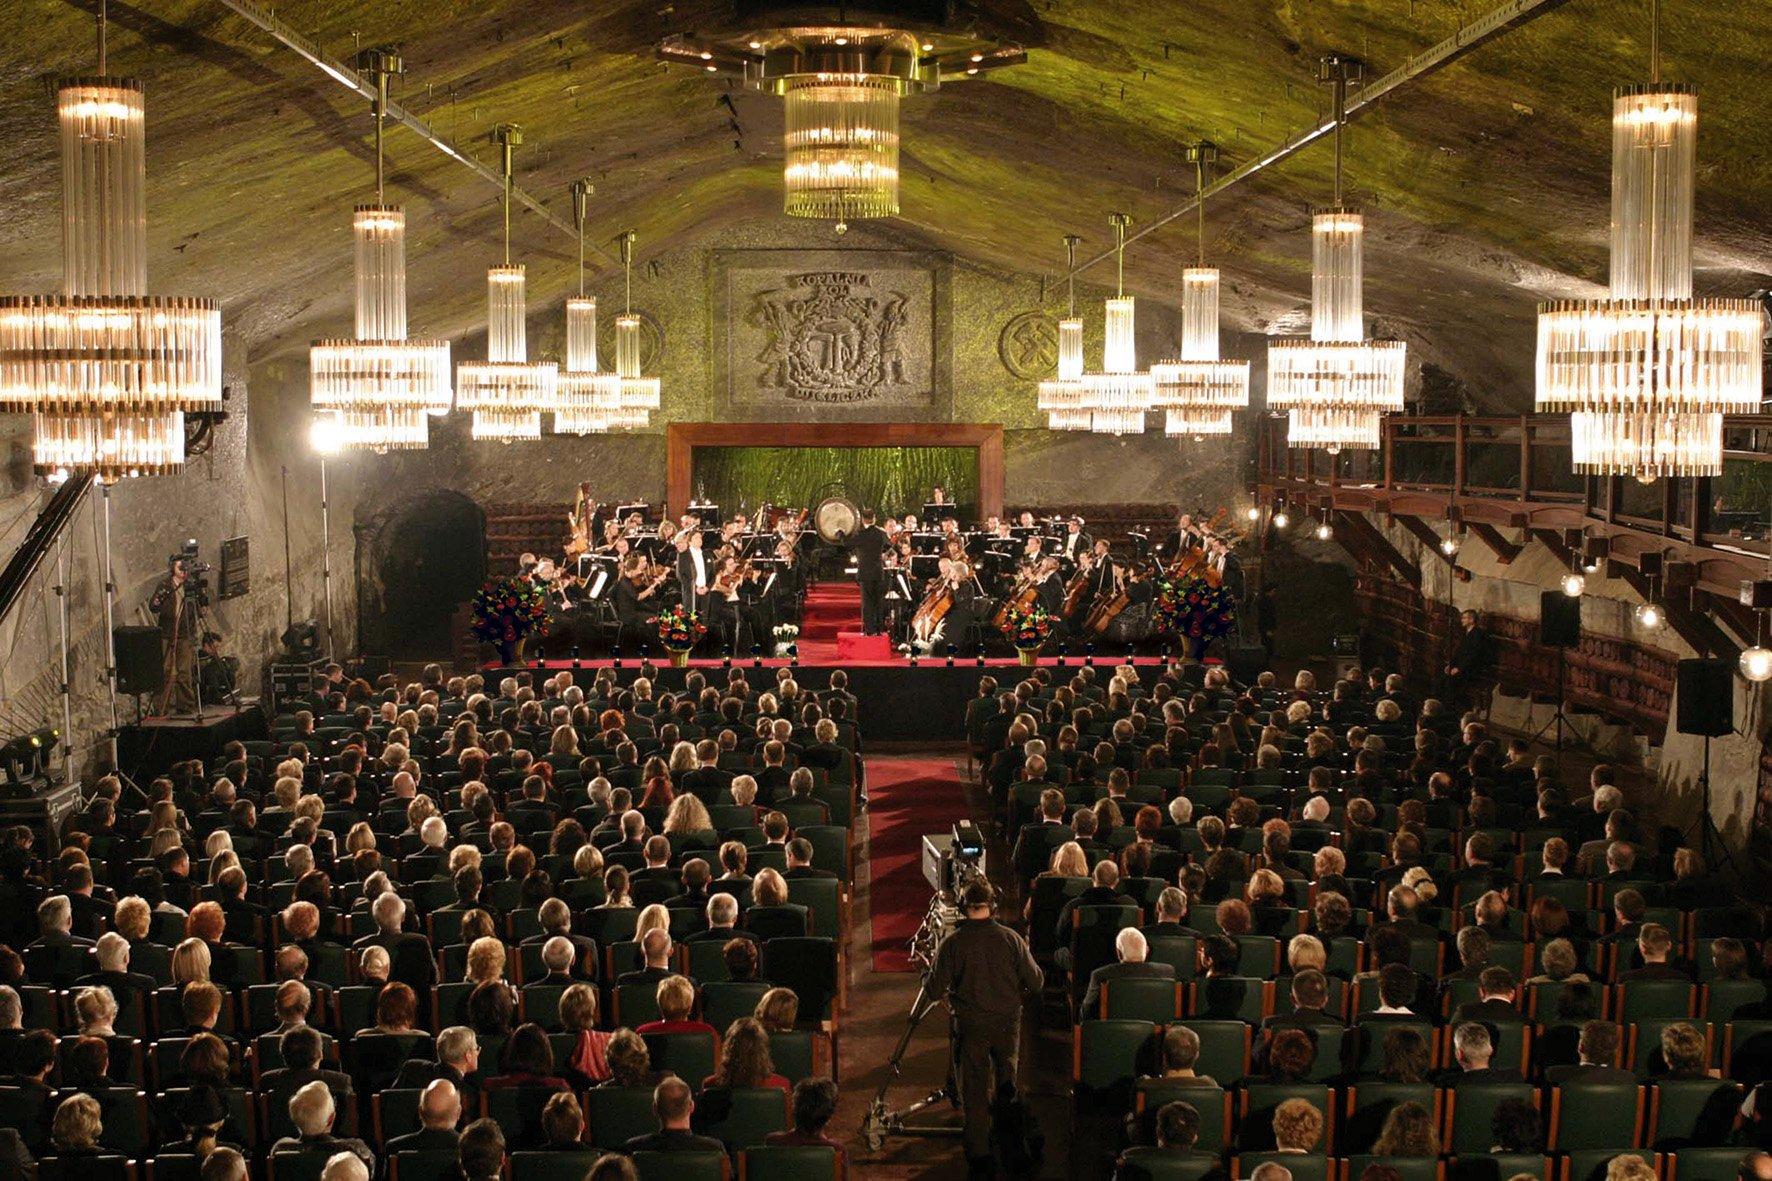 koncert w Kopalni Soli w Wieliczce